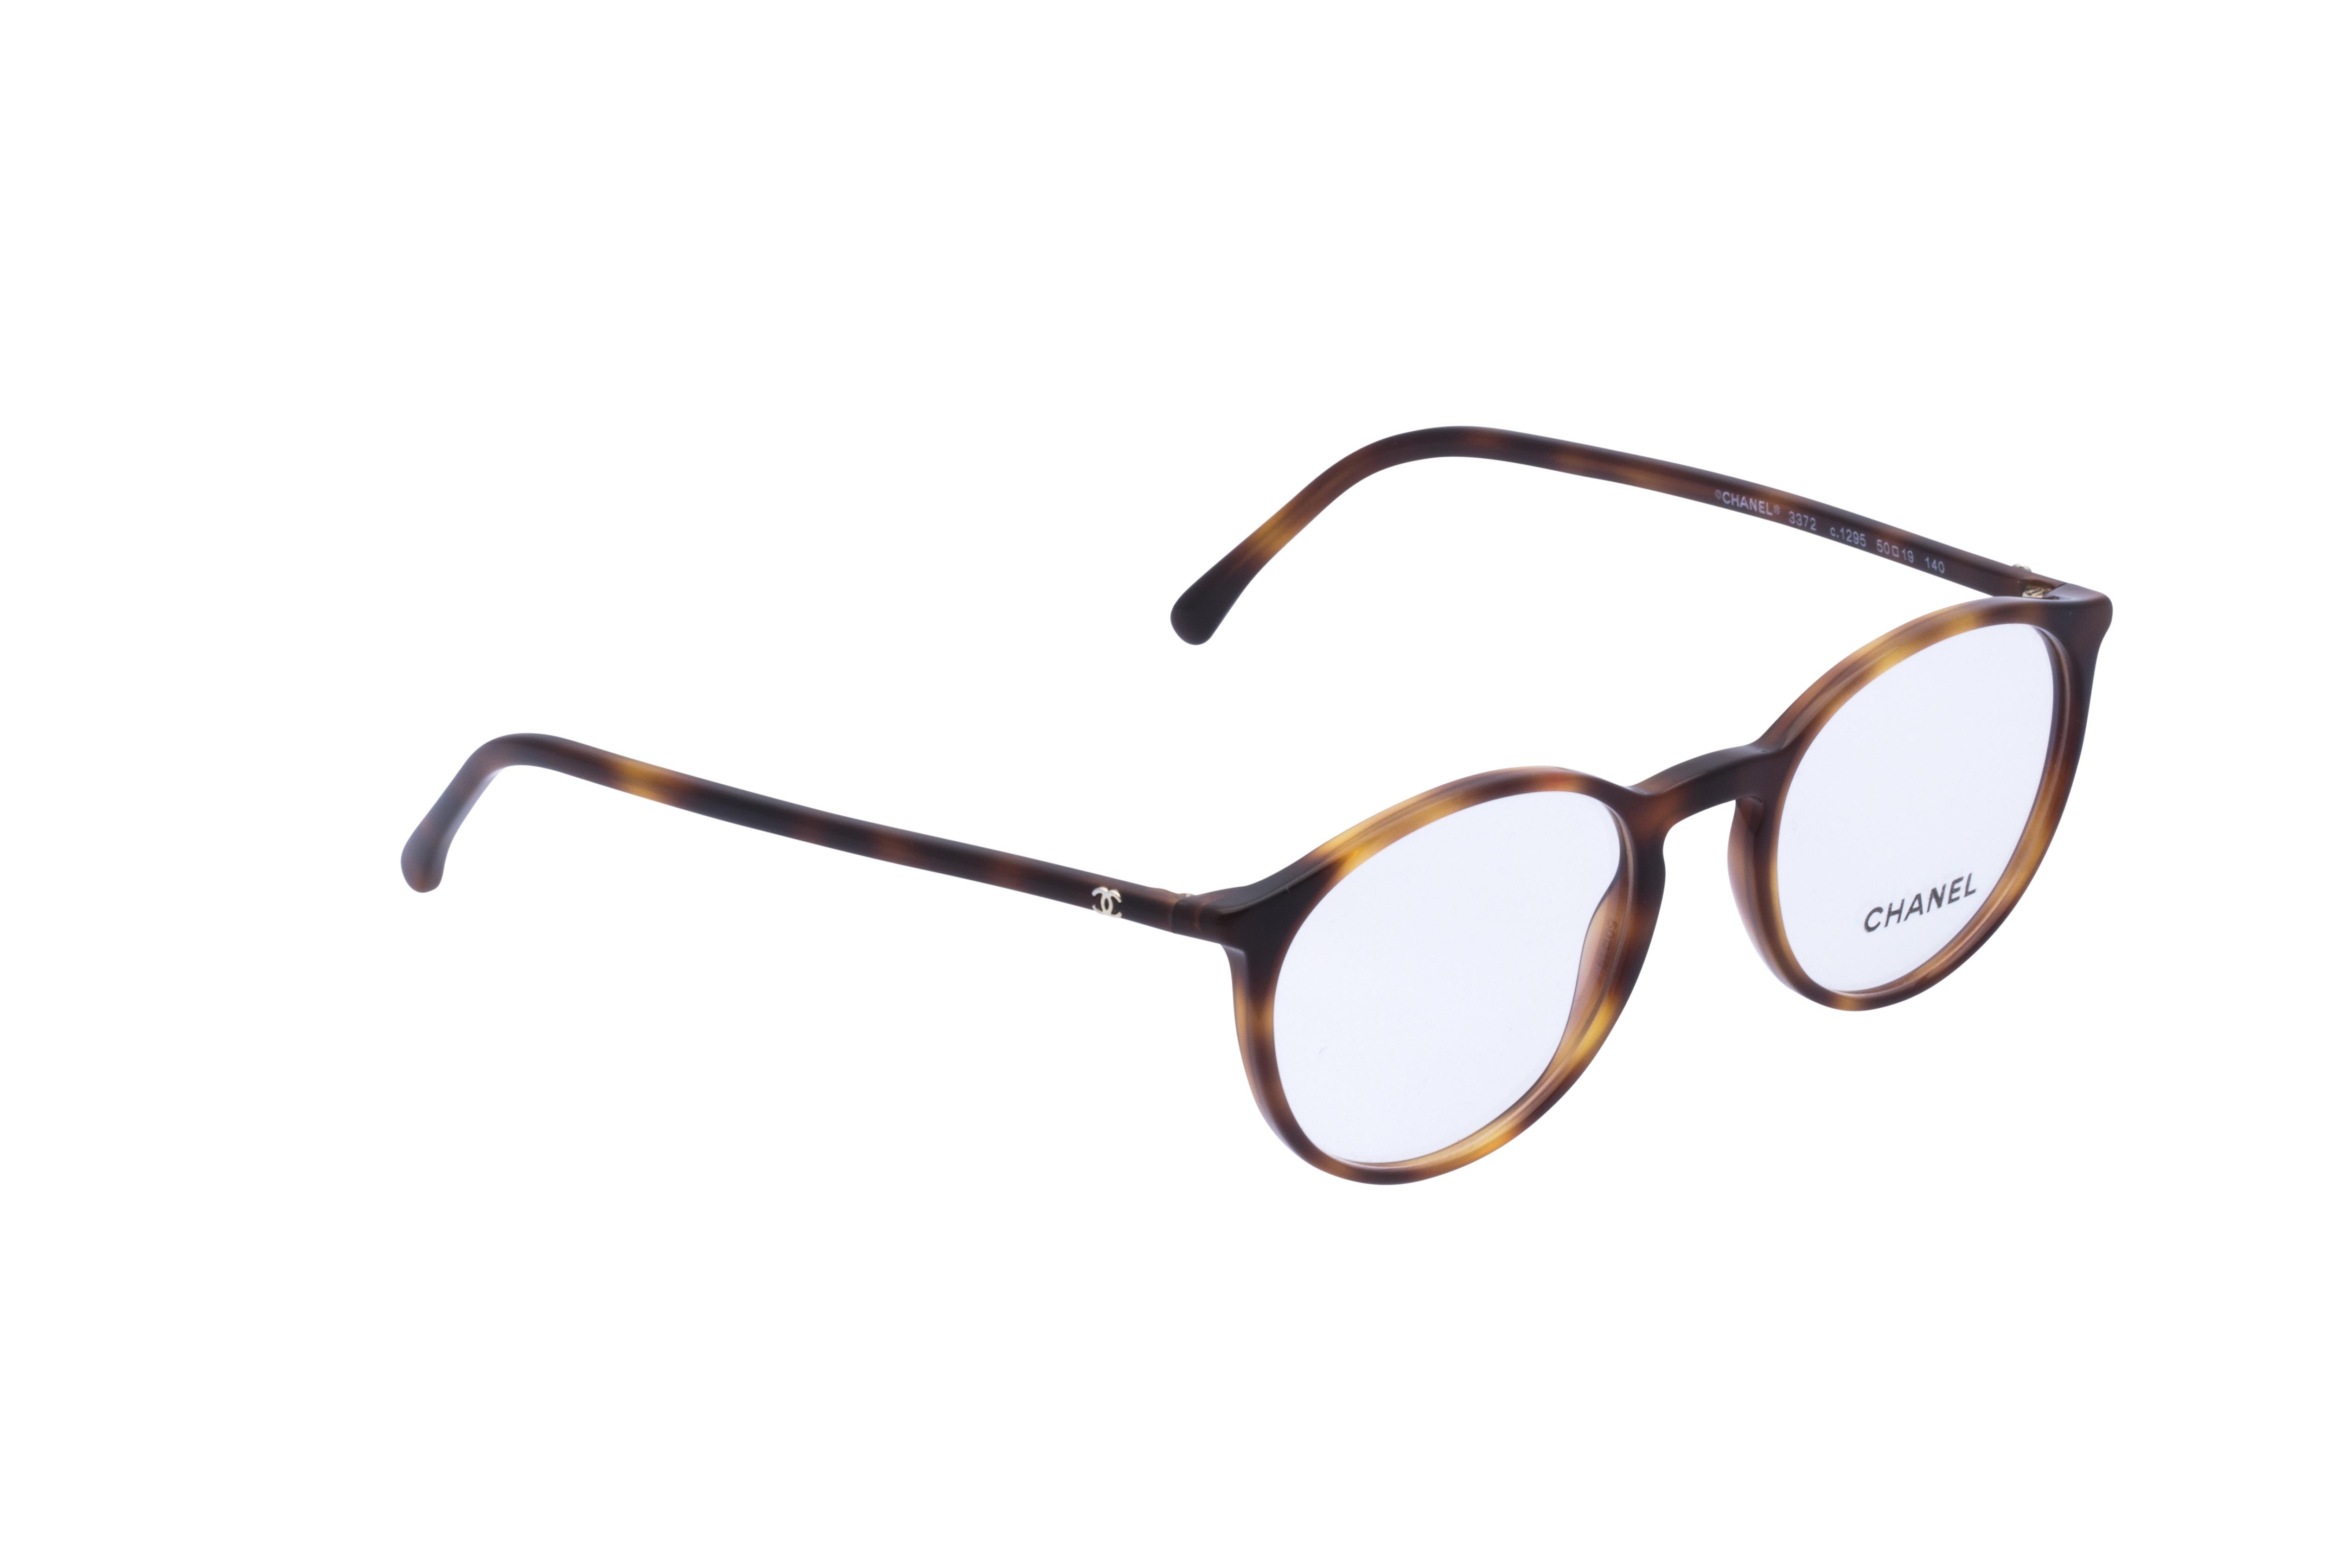 360 Grad Ansicht 3 Chanel 3372 Frontansicht, Brille auf Weiß - Fassung bei KUNK